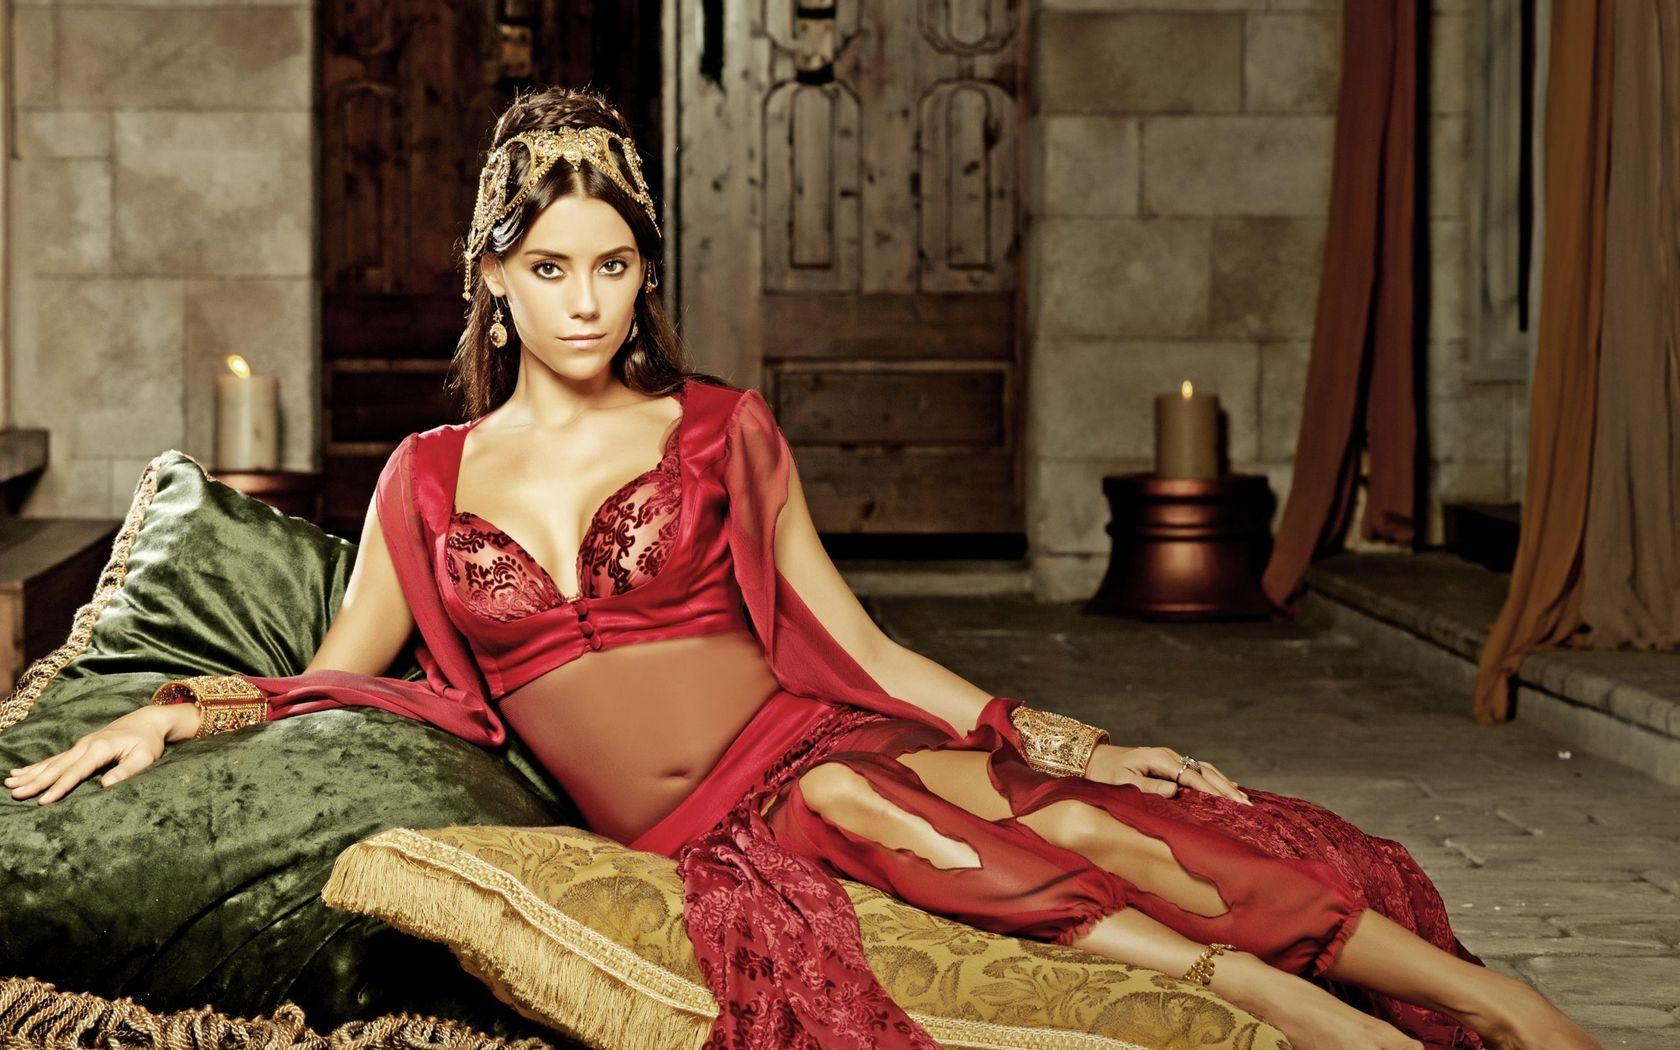 Смотреть секс с царицей, Джессика - императрица похоти (с русским переводом) 16 фотография